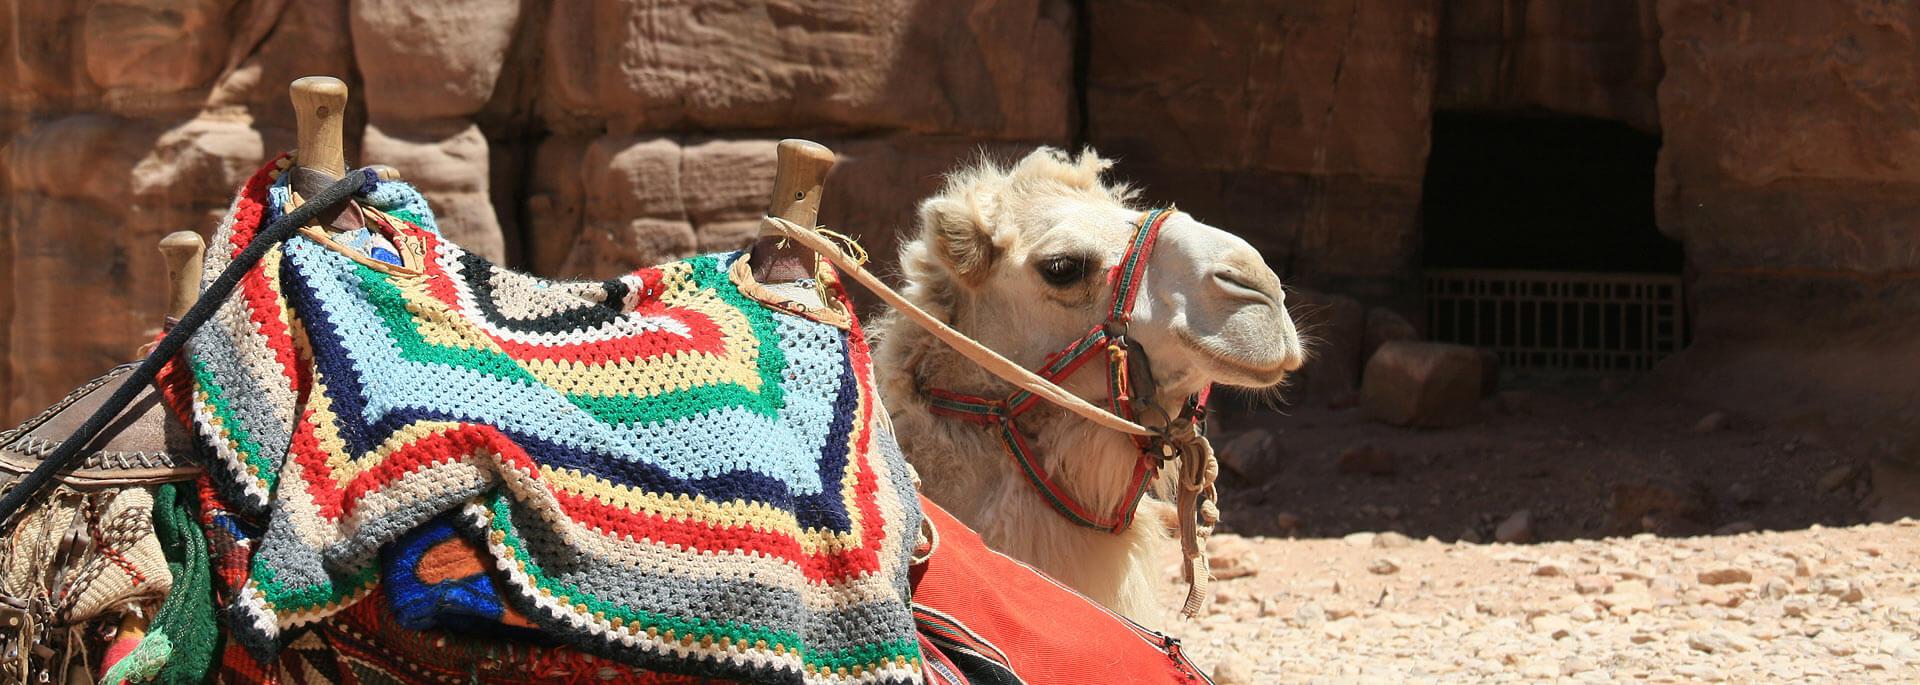 Fotos: Jordanien - Wadis, Wüsten & Meere